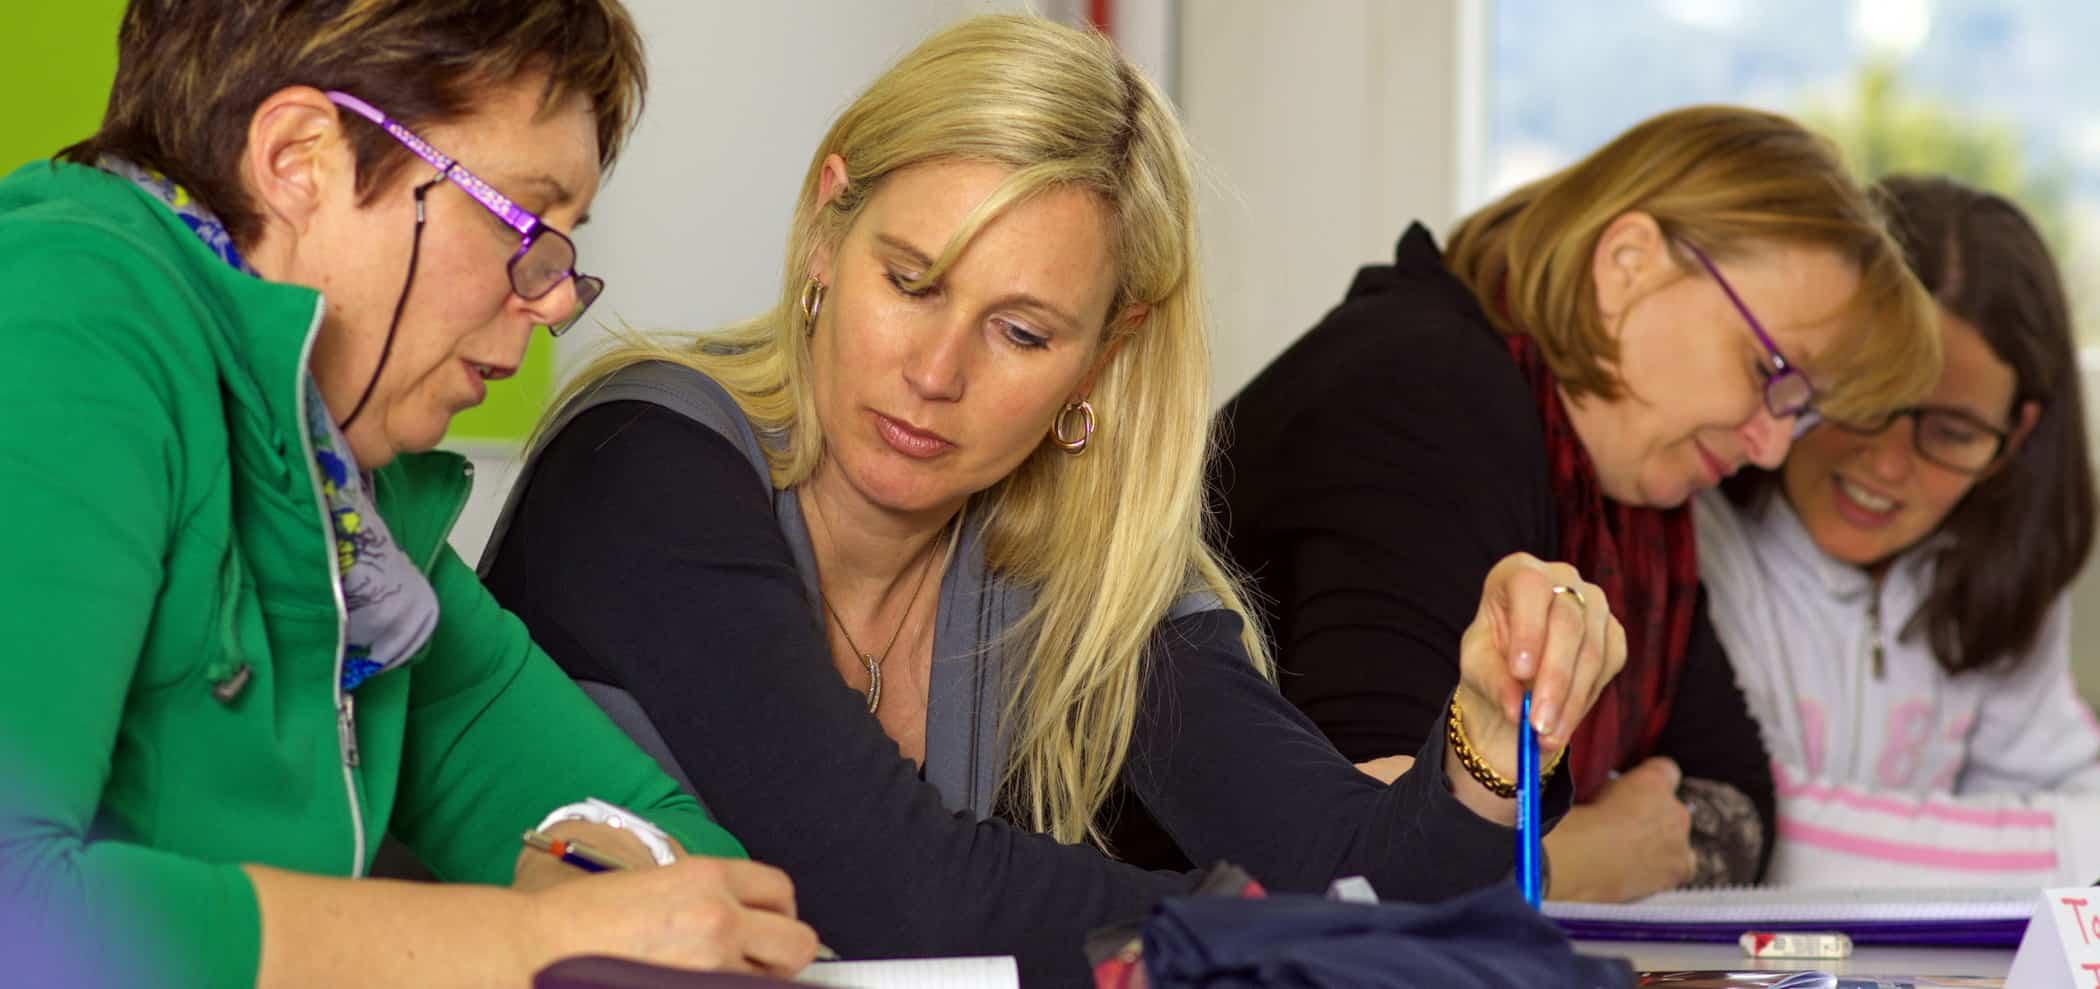 Weiterbildung für Kursleiterinnen